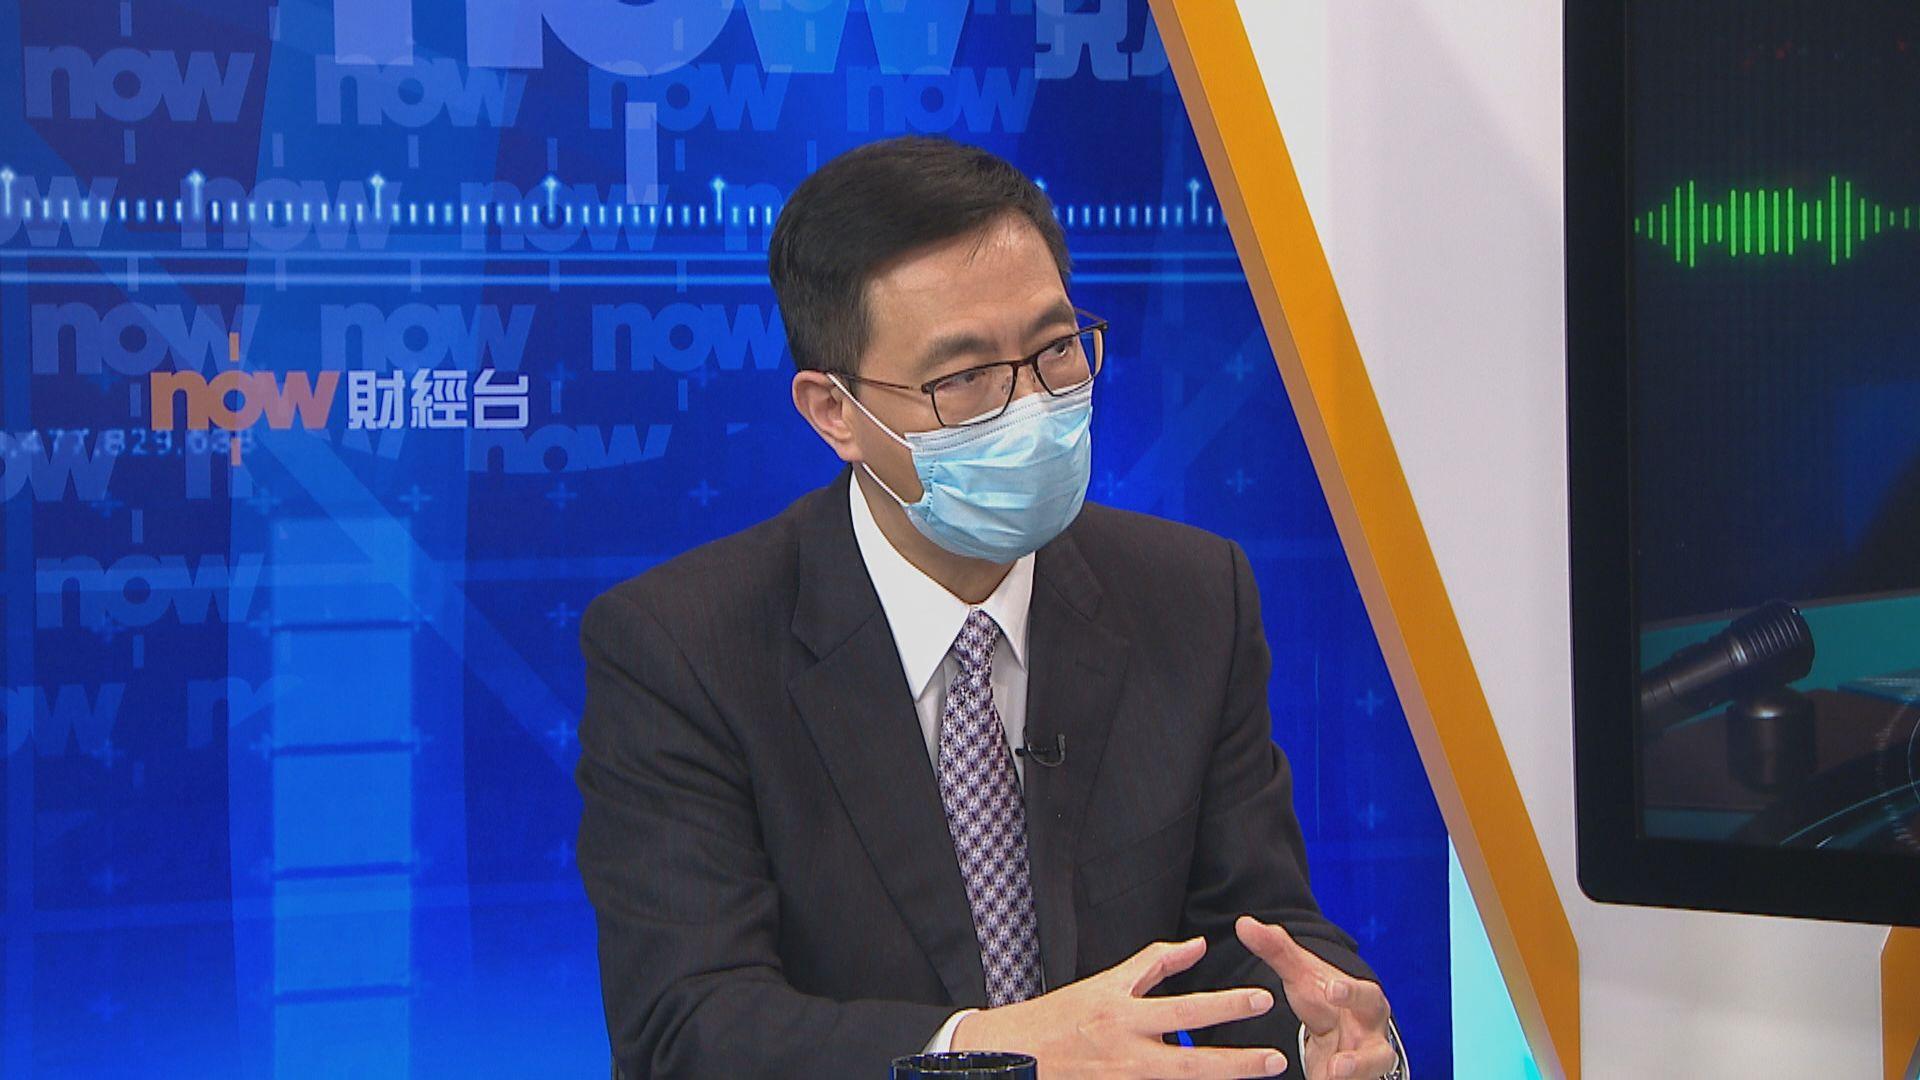 楊潤雄:通識改革非政治決定 要將異化撥亂反正